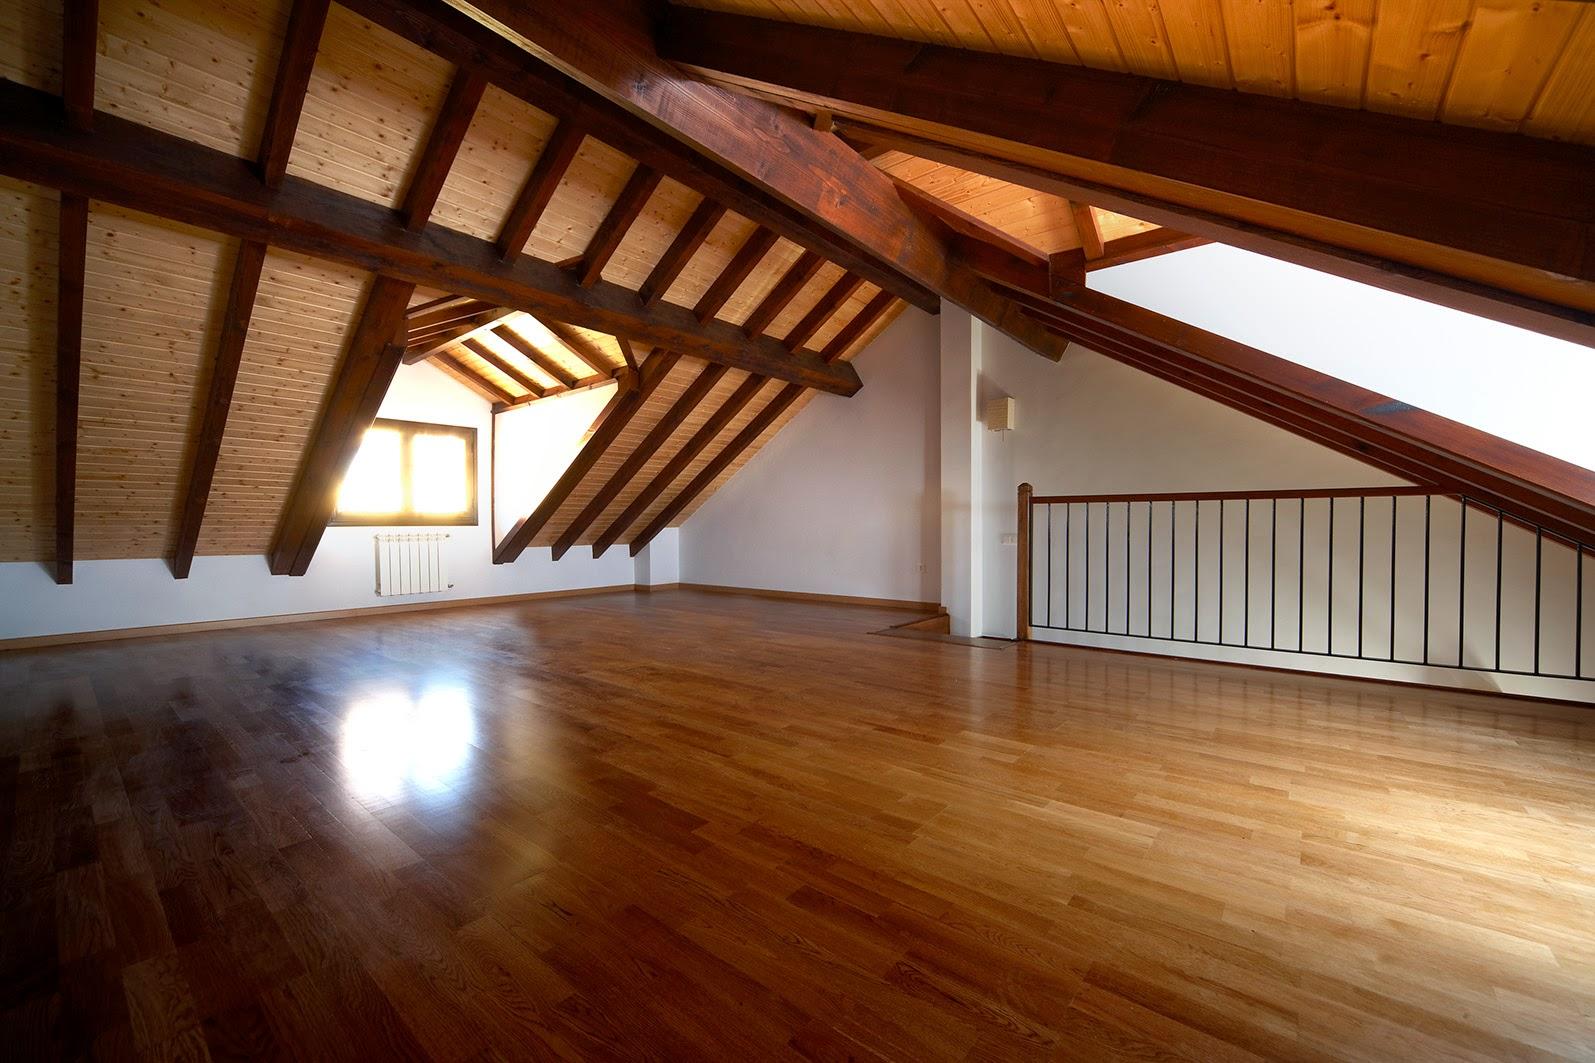 Estructuras de madera para tejados fabulous materiales - Estructura tejado madera ...